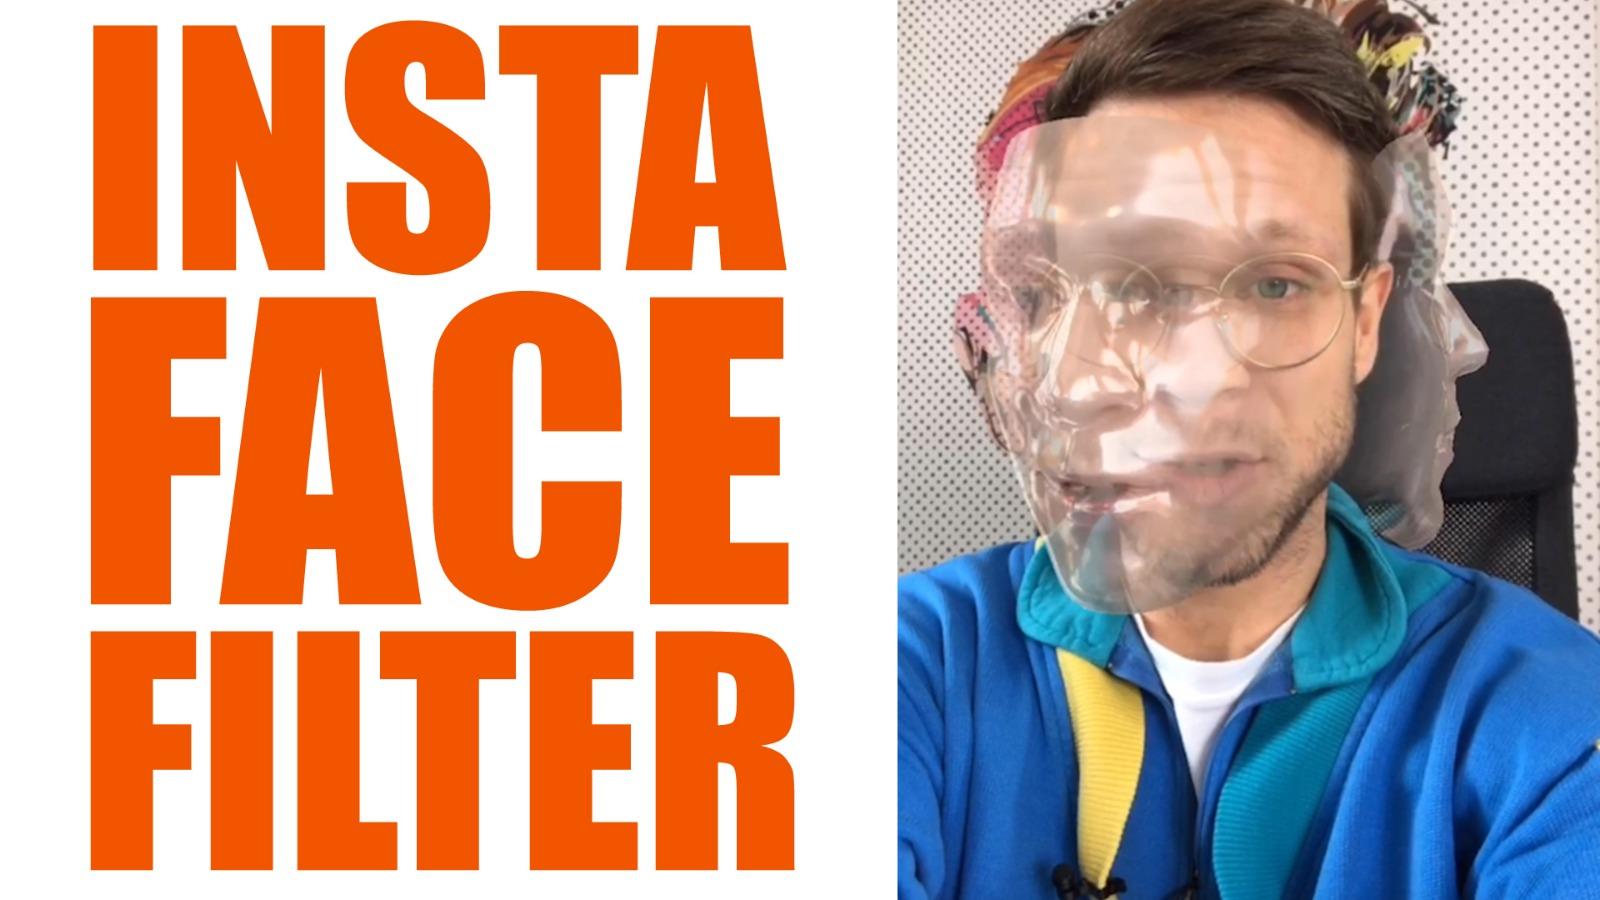 Insta FaceFilter